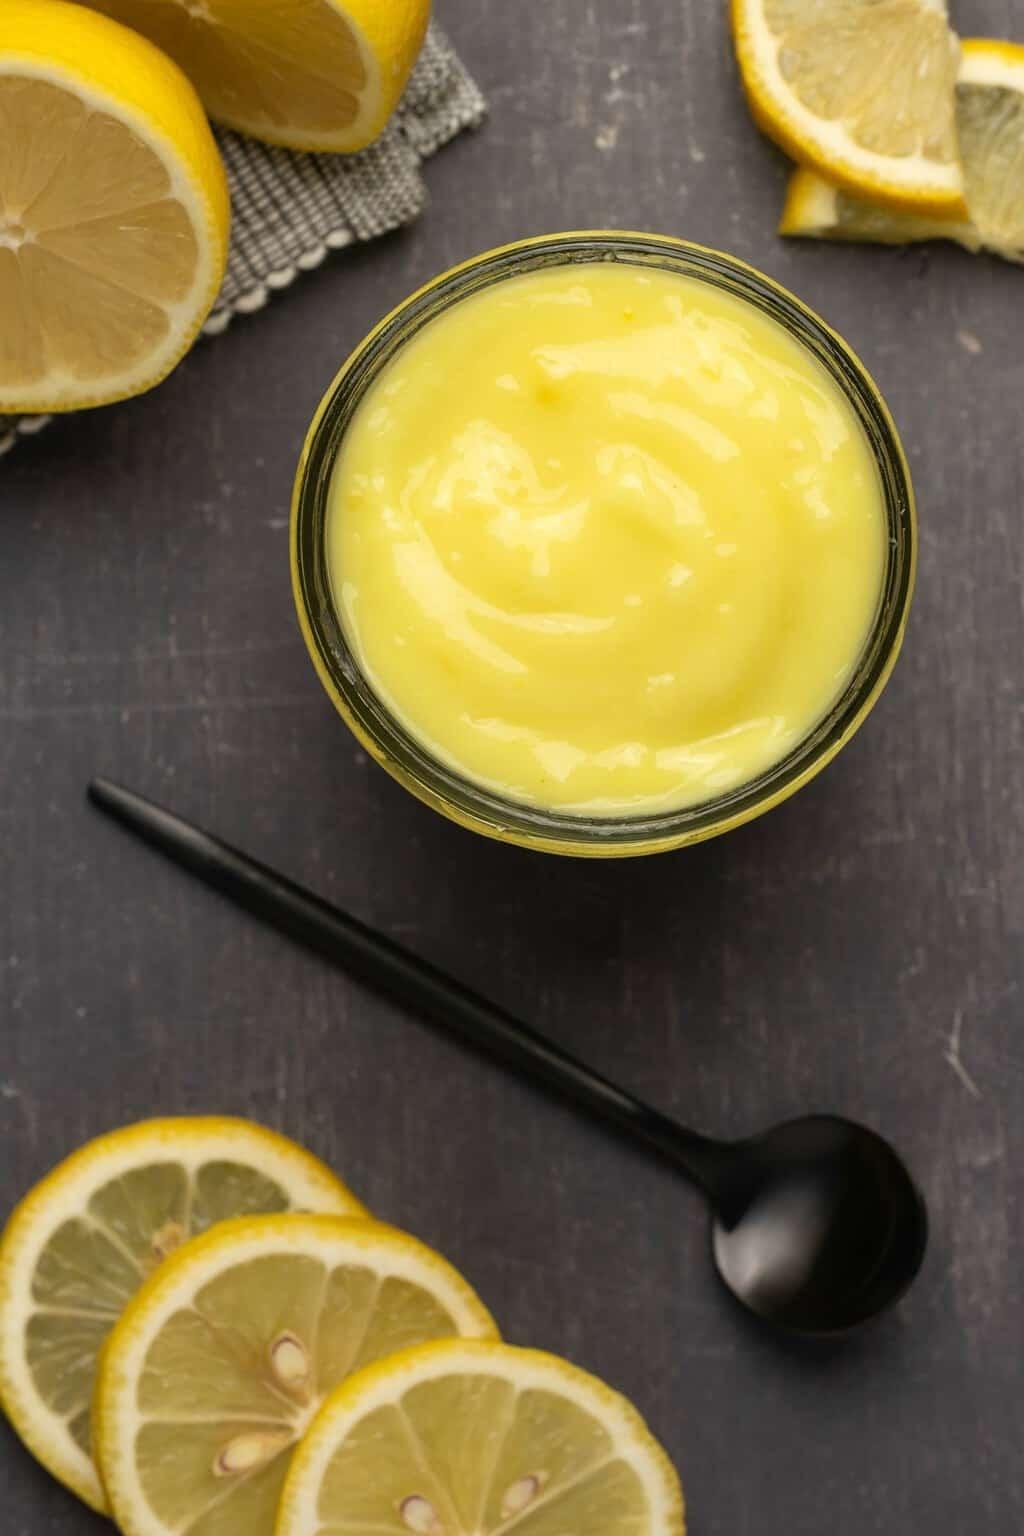 Vegan lemon curd in a glass jar.